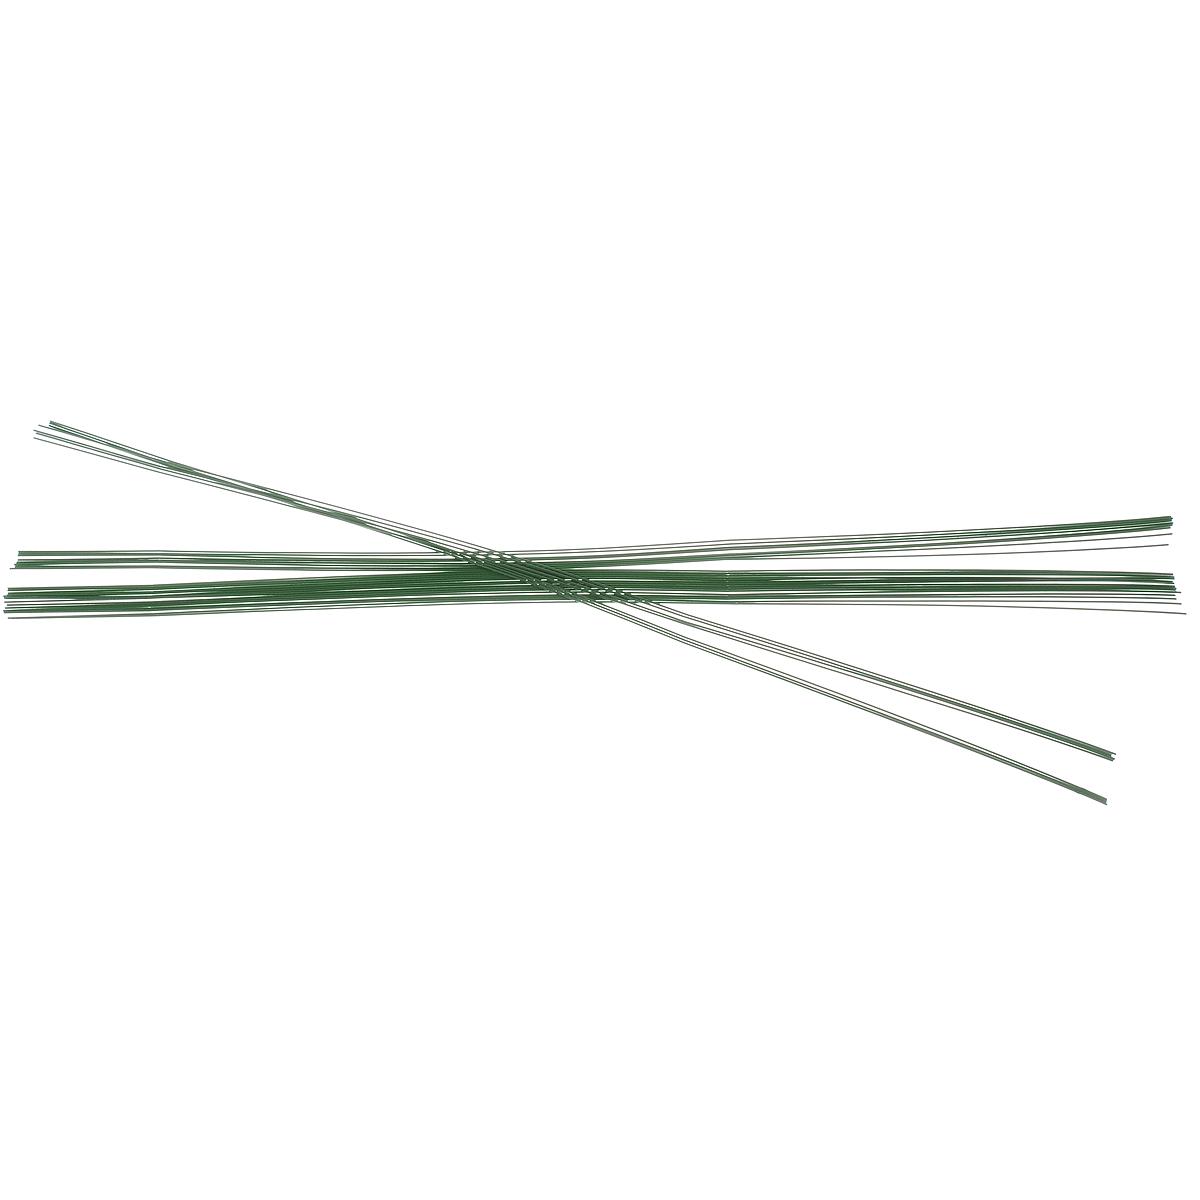 Проволока для флористики Hobby Time, цвет: зеленый, диаметр 1,2 мм, длина 50 см, 20 шт7705235Проволока для флористики Hobby Time выполнена из высококачественного металла и используются в качестве поддерживающего материала и для изготовления аксессуаров, декораций в цветочной композиции. Флористическая проволока один из самых востребованных и необходимых материалов для создания композиций из растений. Она станет незаменимым аксессуаром для каждого фитодизайнера для реализации своих идей!